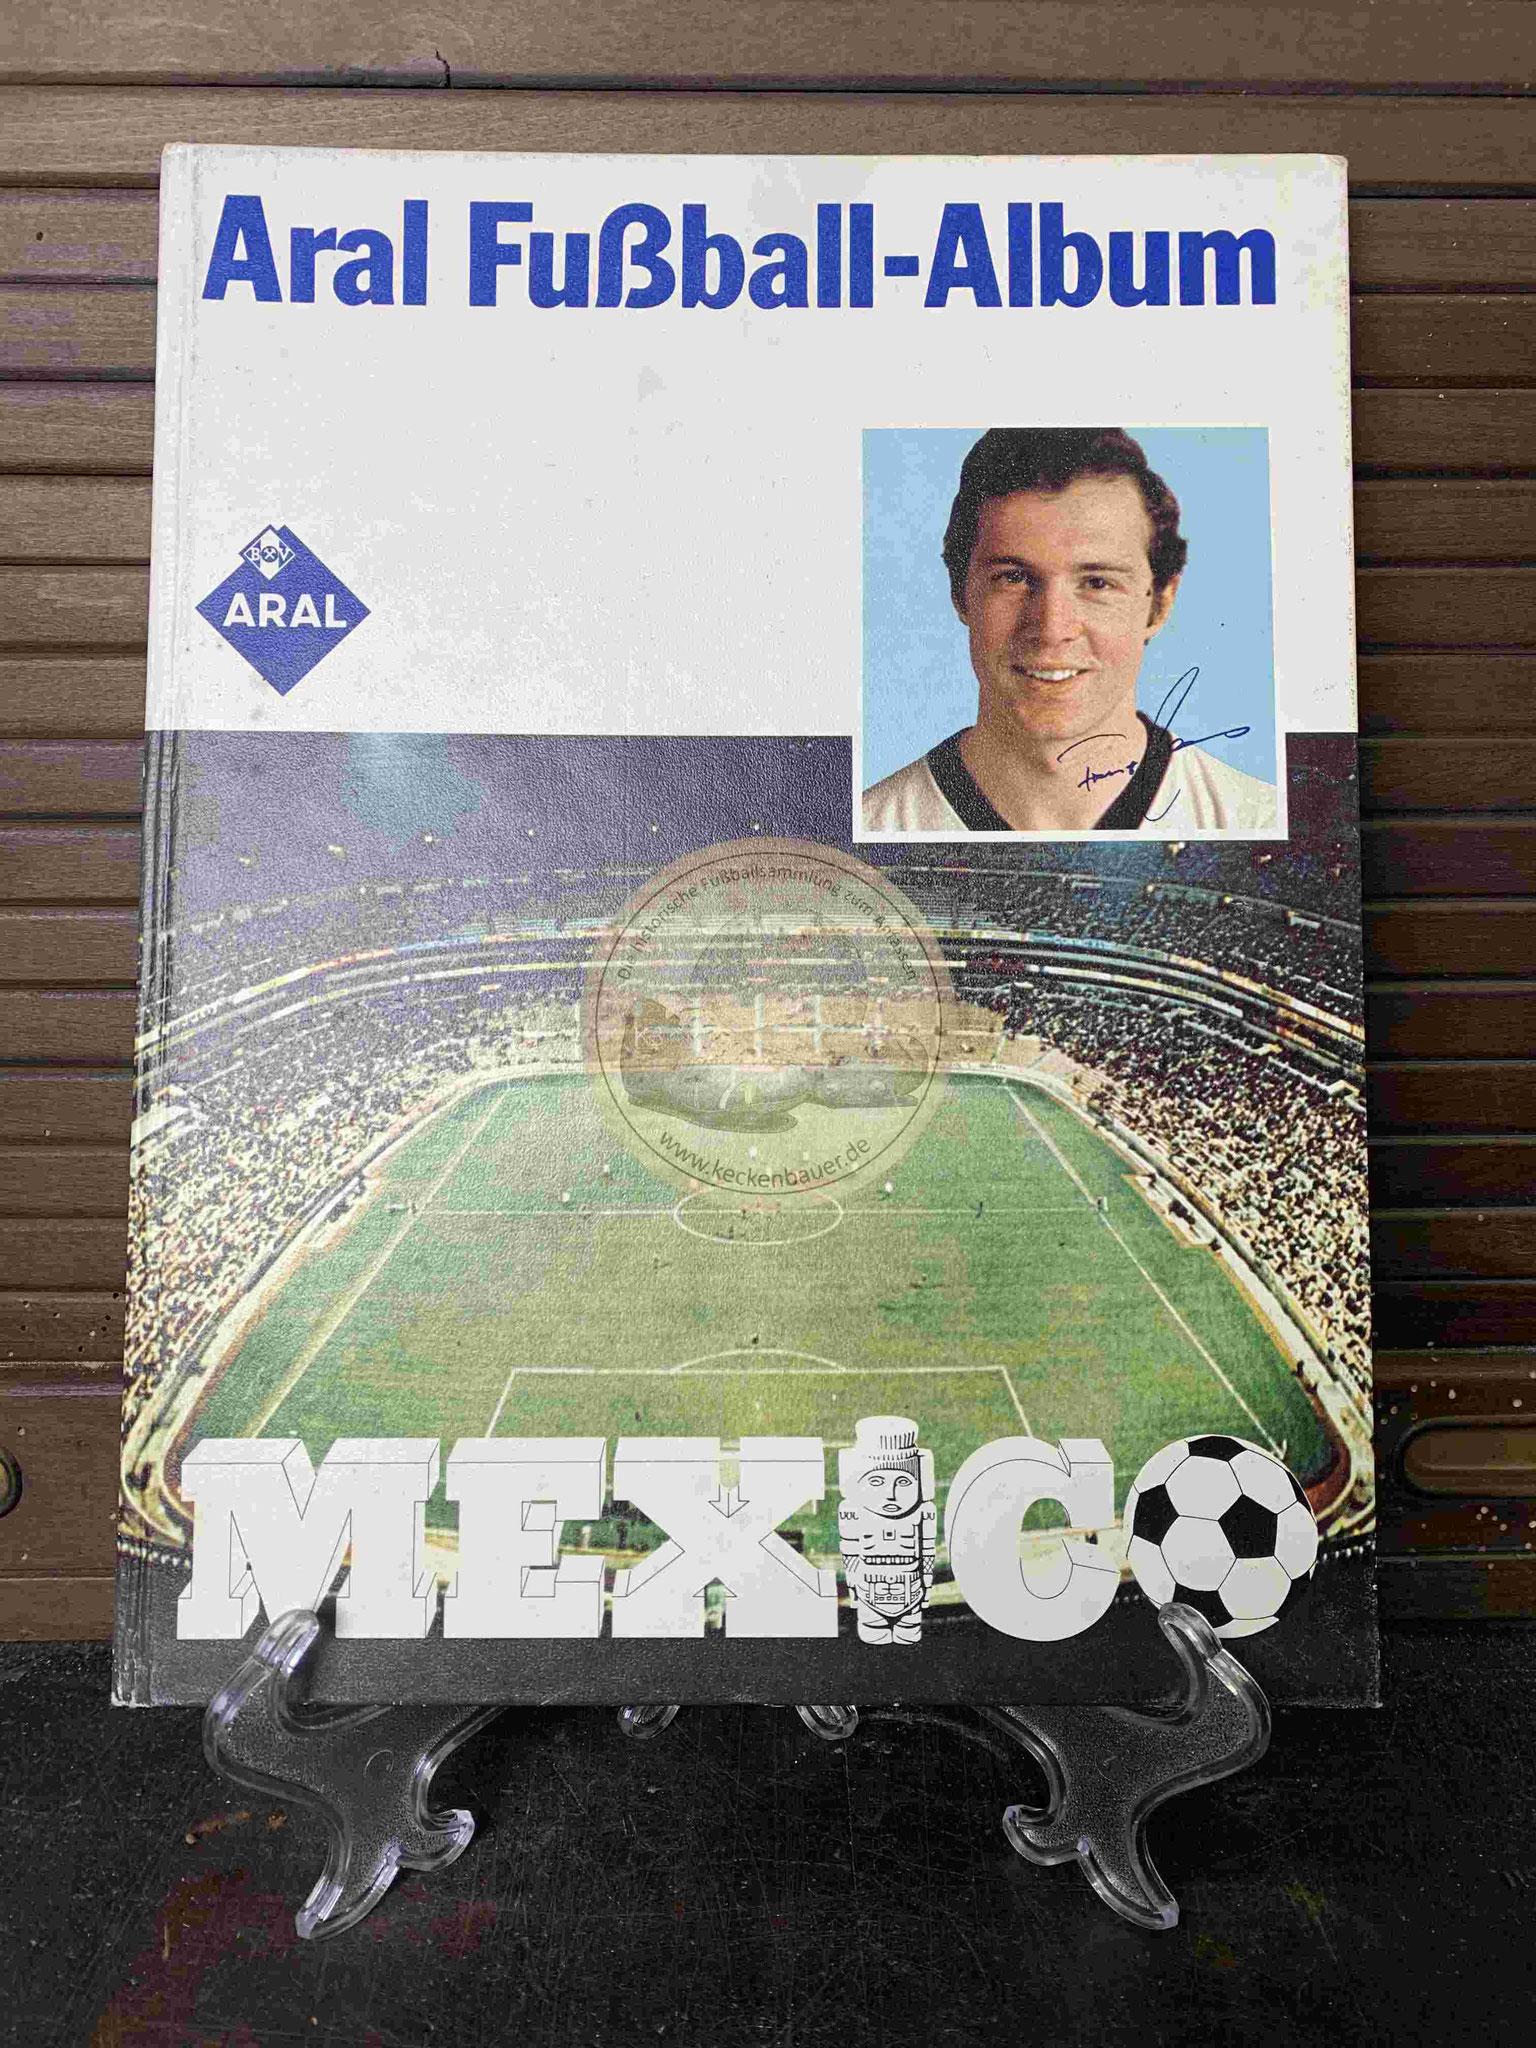 ARAL Fußball Album zur Weltmeistershaft in Mexiko aus dem Jahr 1970